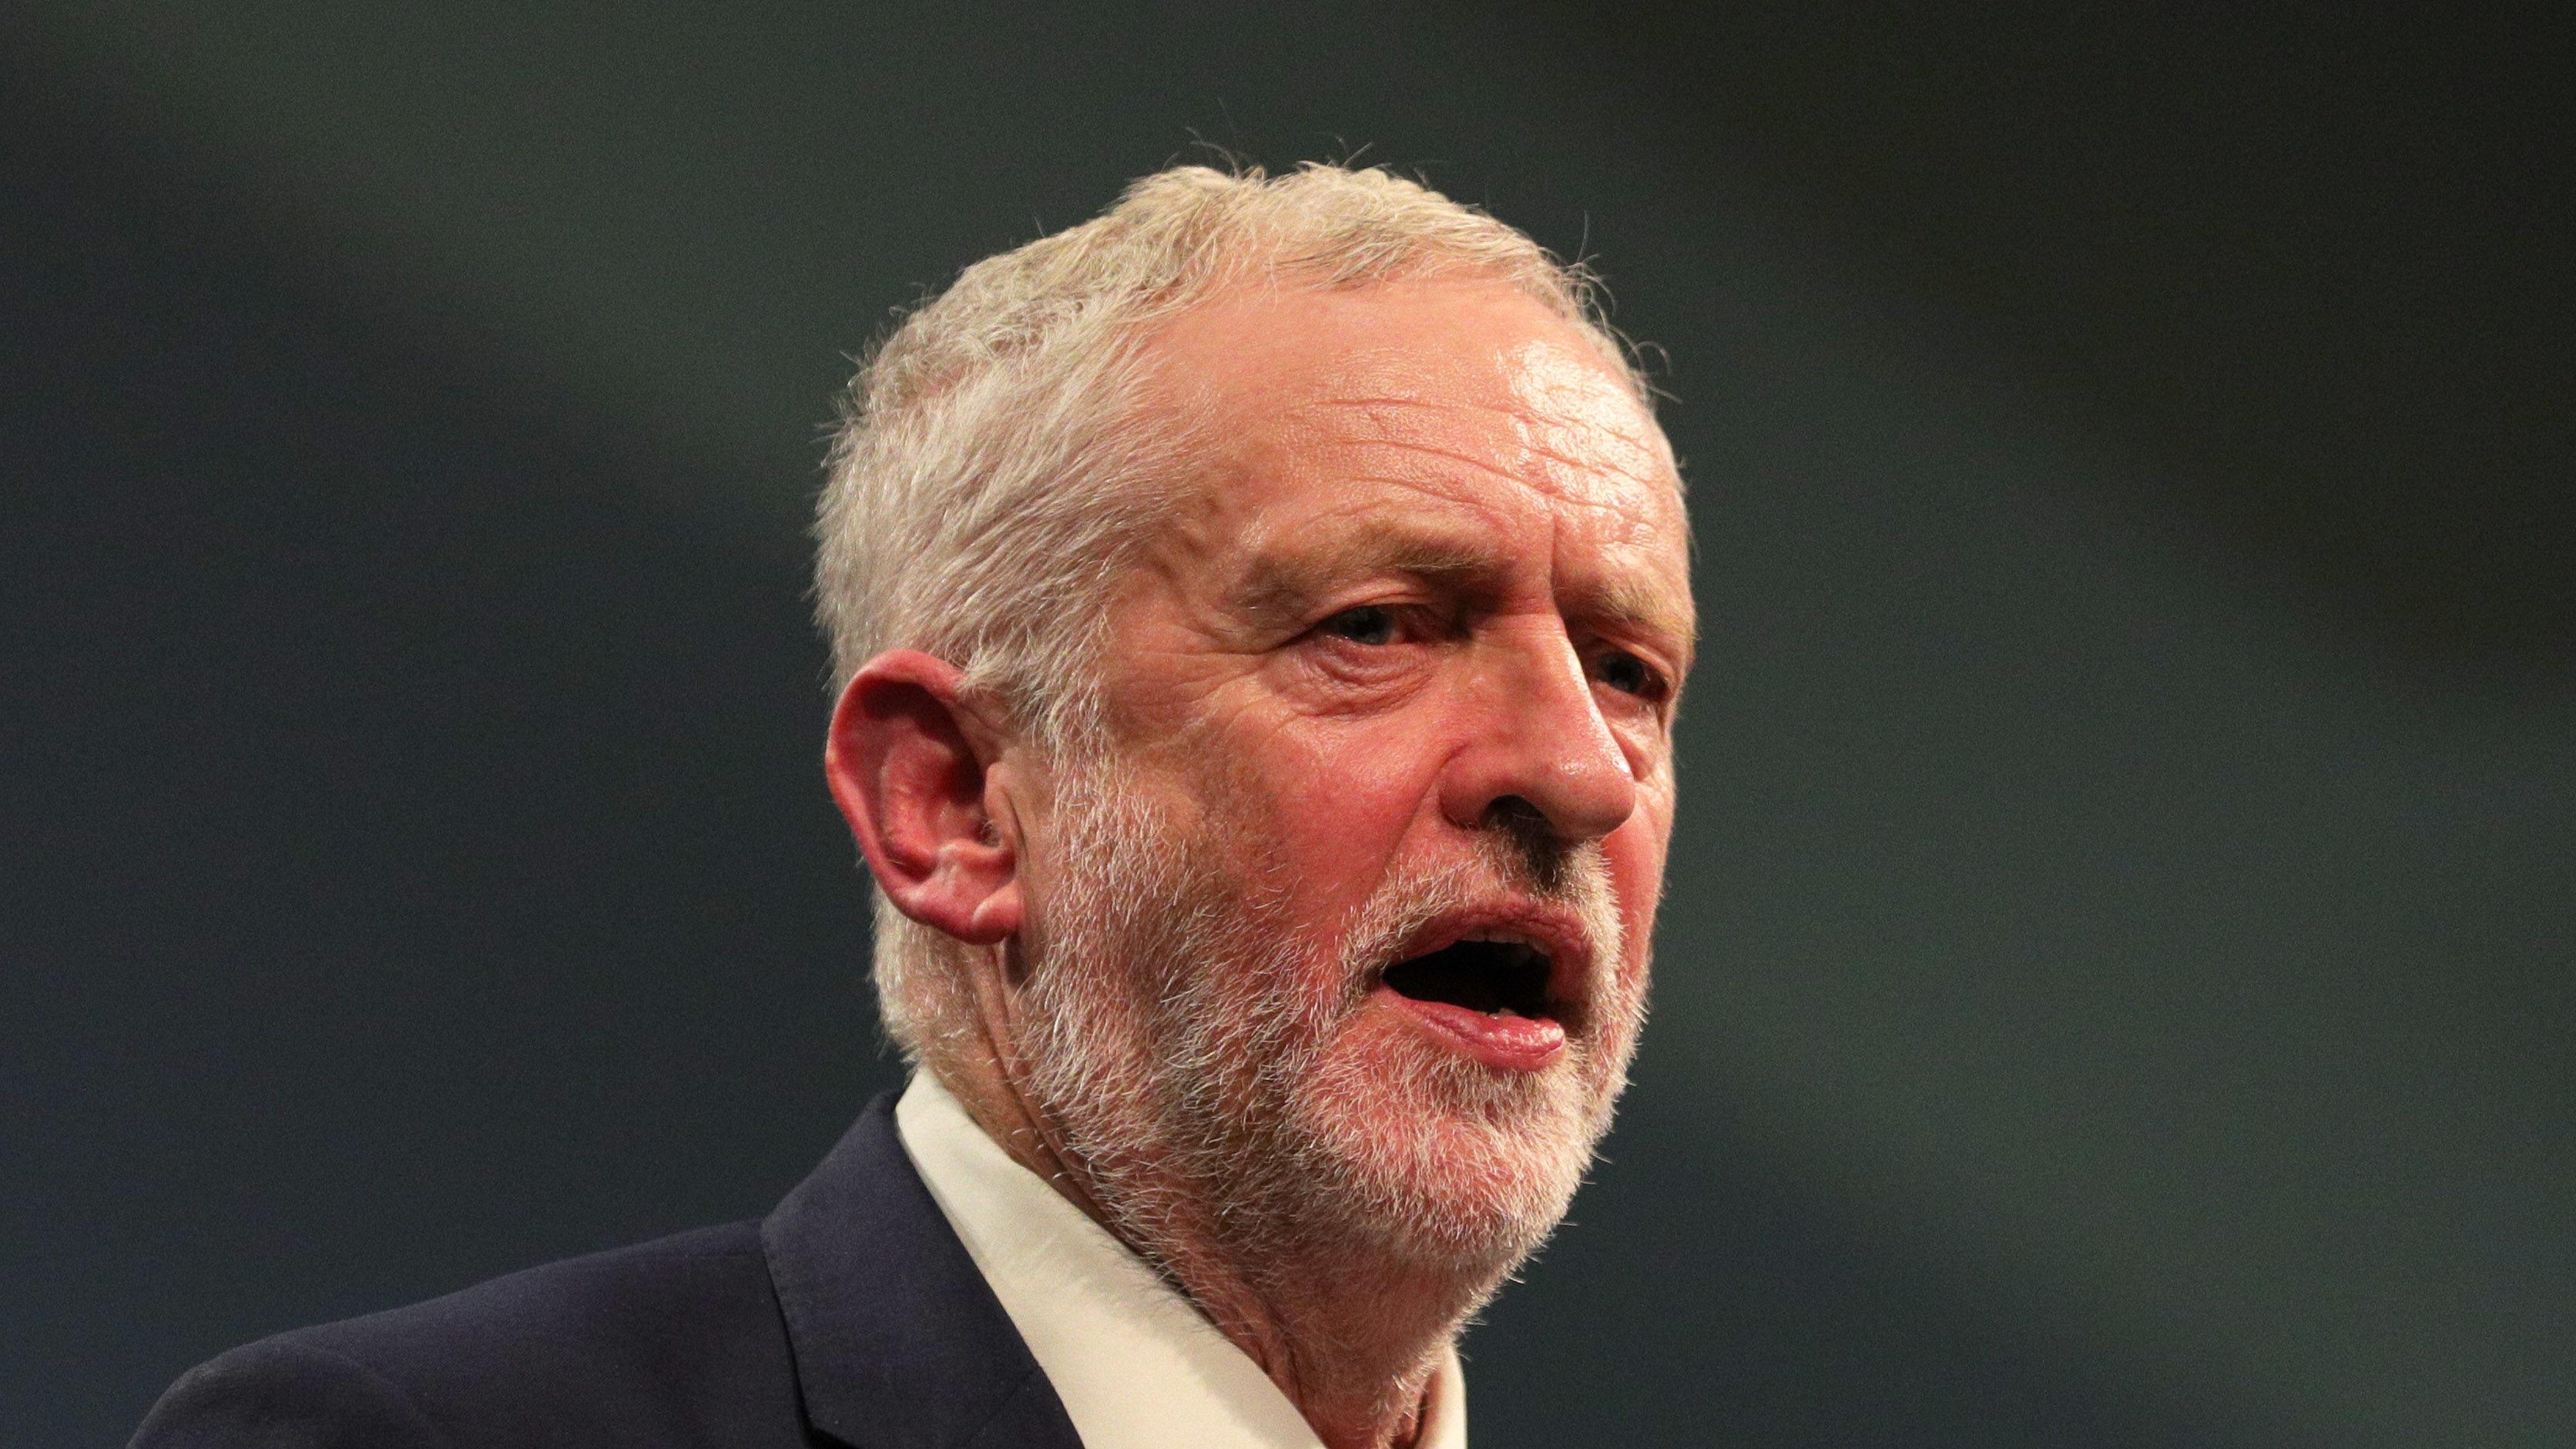 jeremy corbyn - photo #39